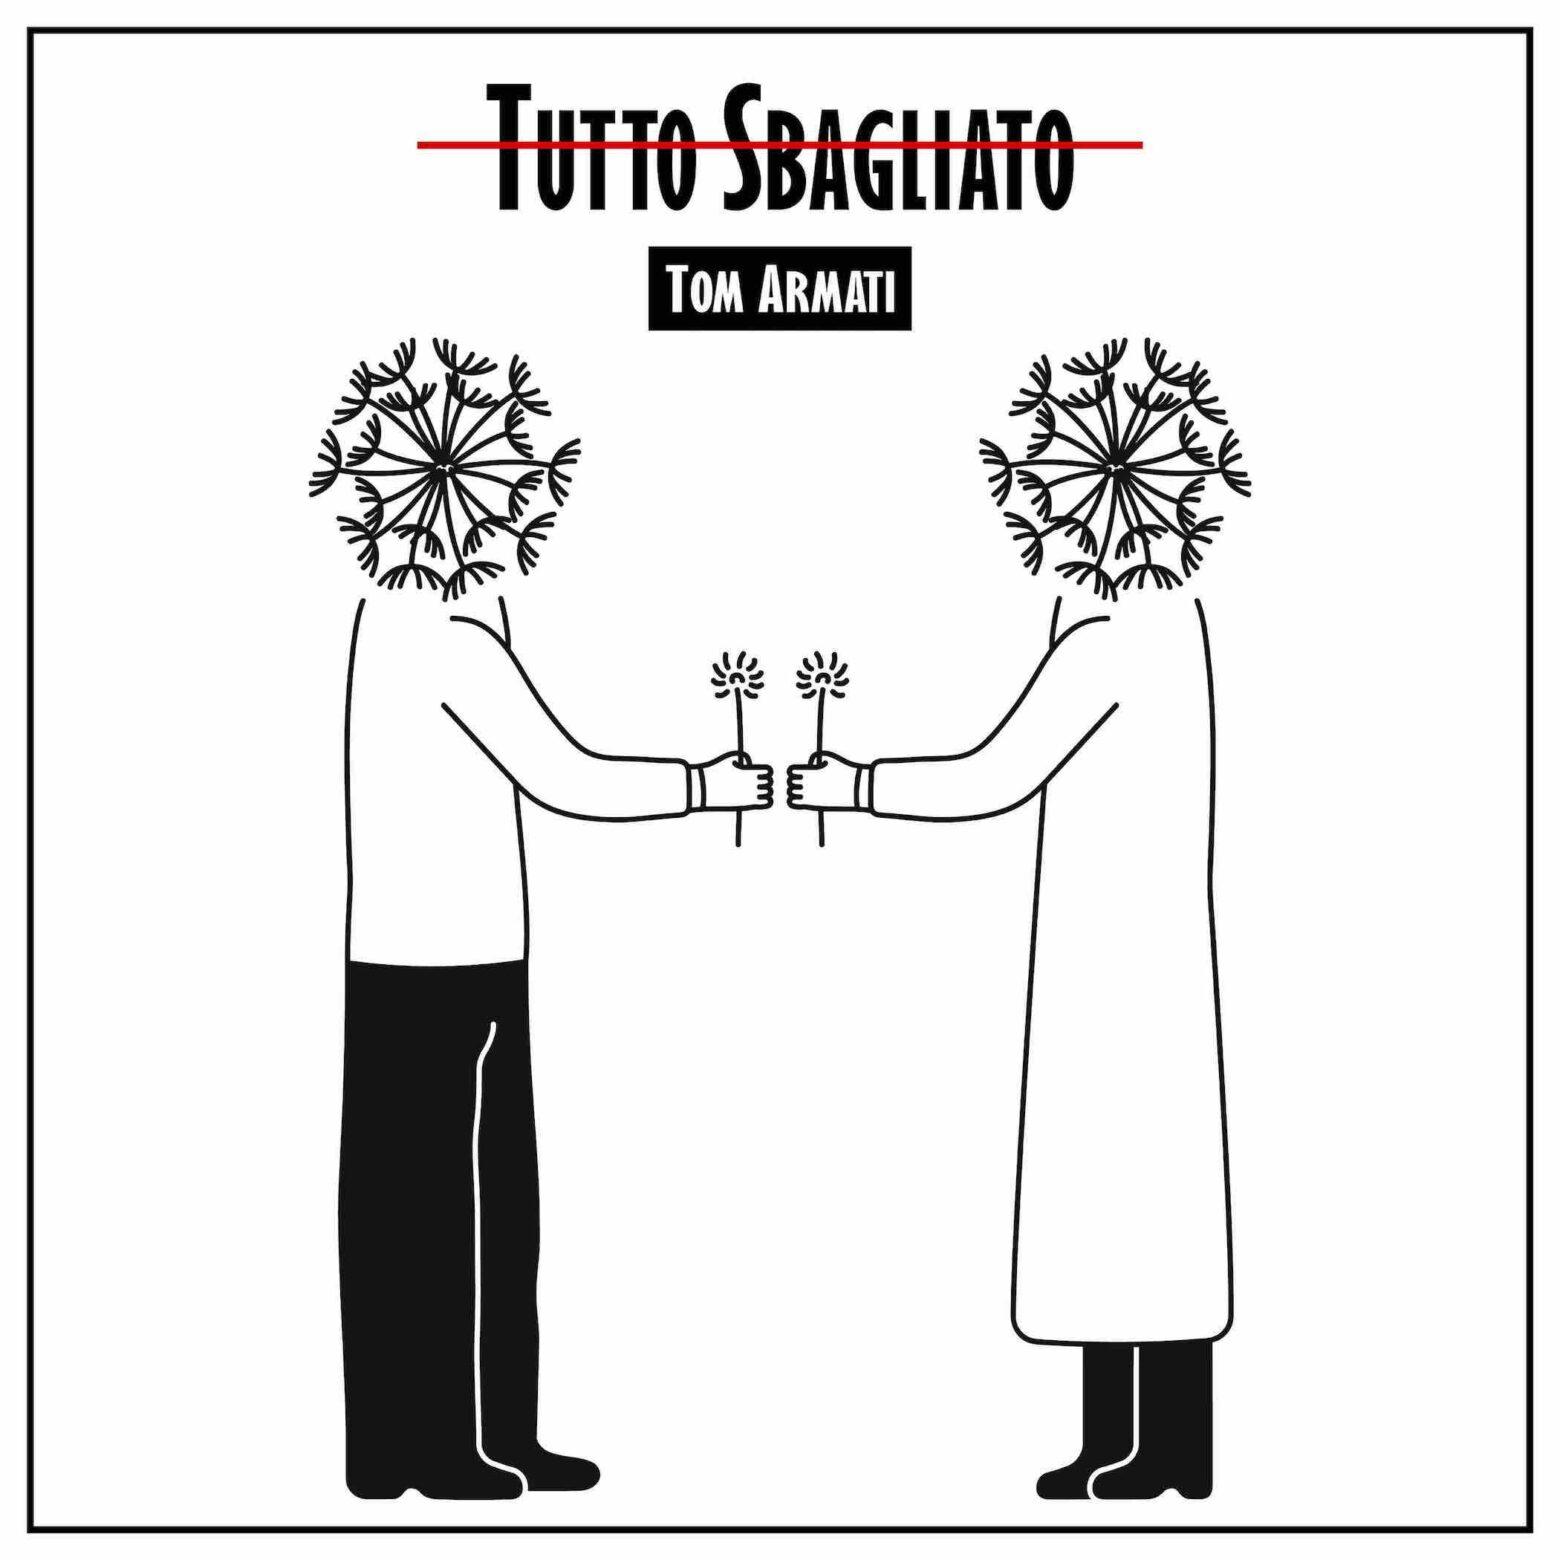 """Da domani in radio """"Tutto sbagliato"""", il nuovo singolo del cantautore romano TOM ARMATI"""